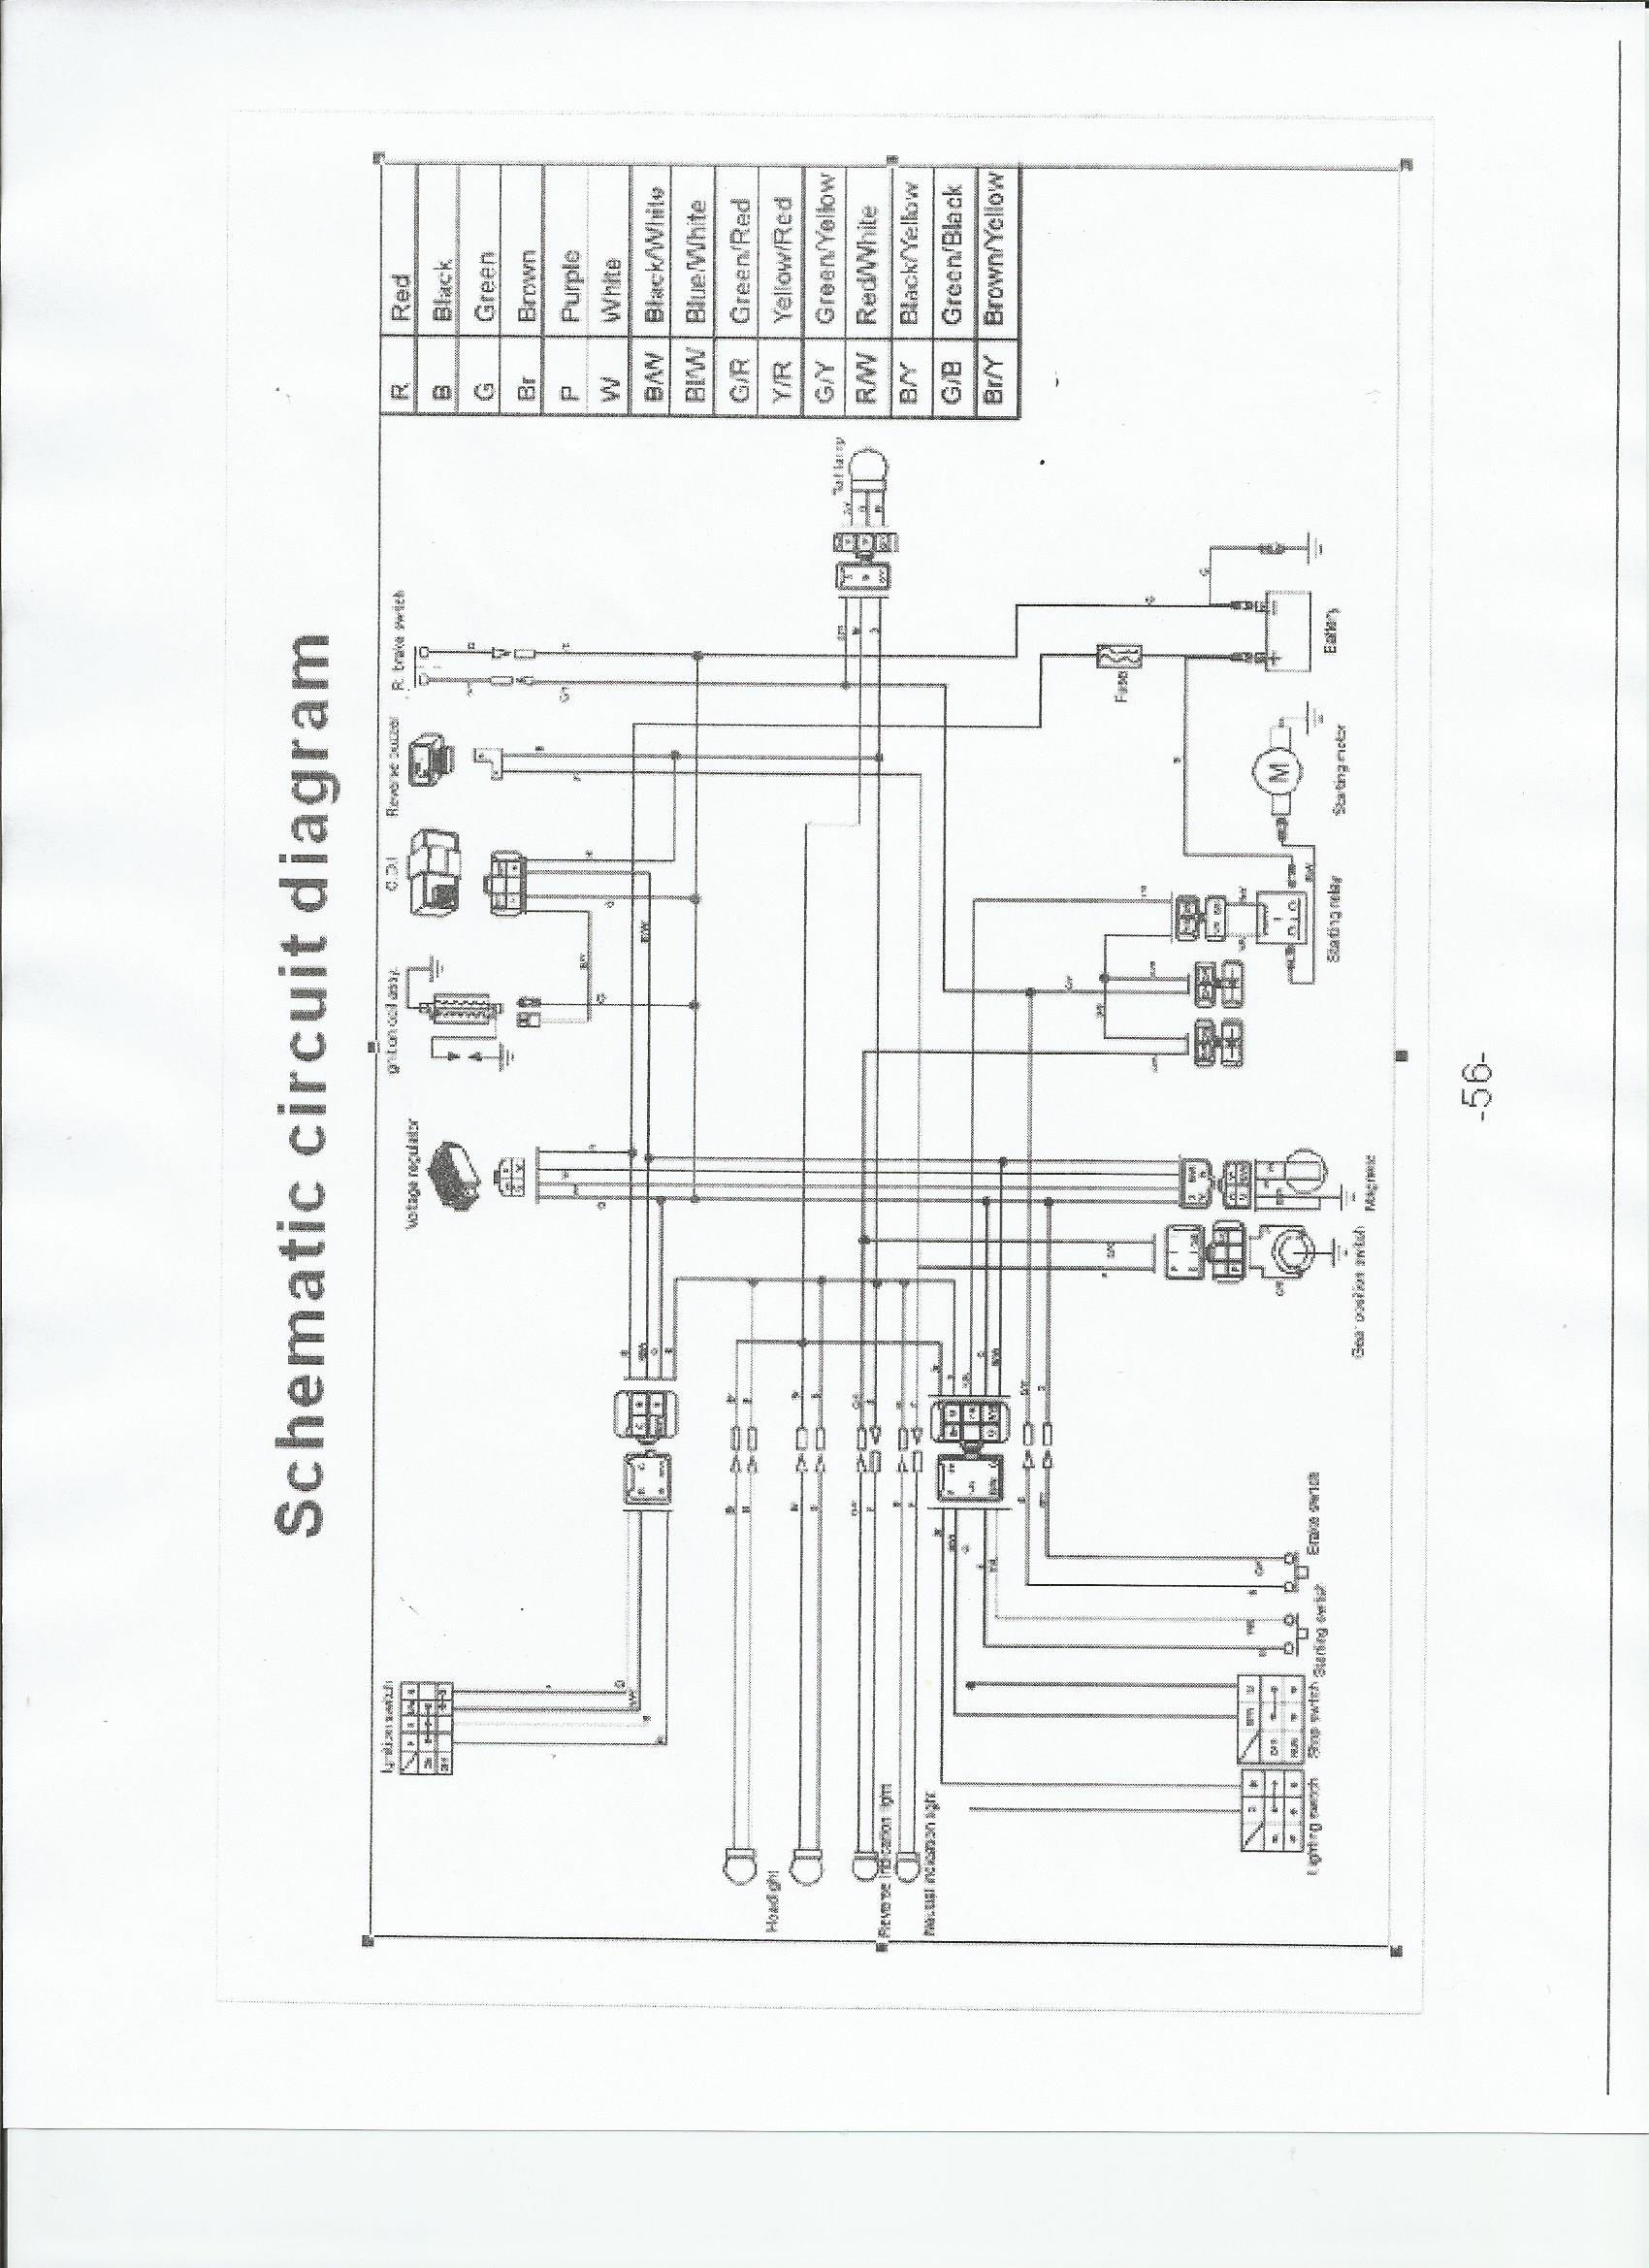 taotao mini and youth atv wiring schematic familygokarts support tao tao engine diagram tao tao 125 wiring diagram [ 1700 x 2338 Pixel ]